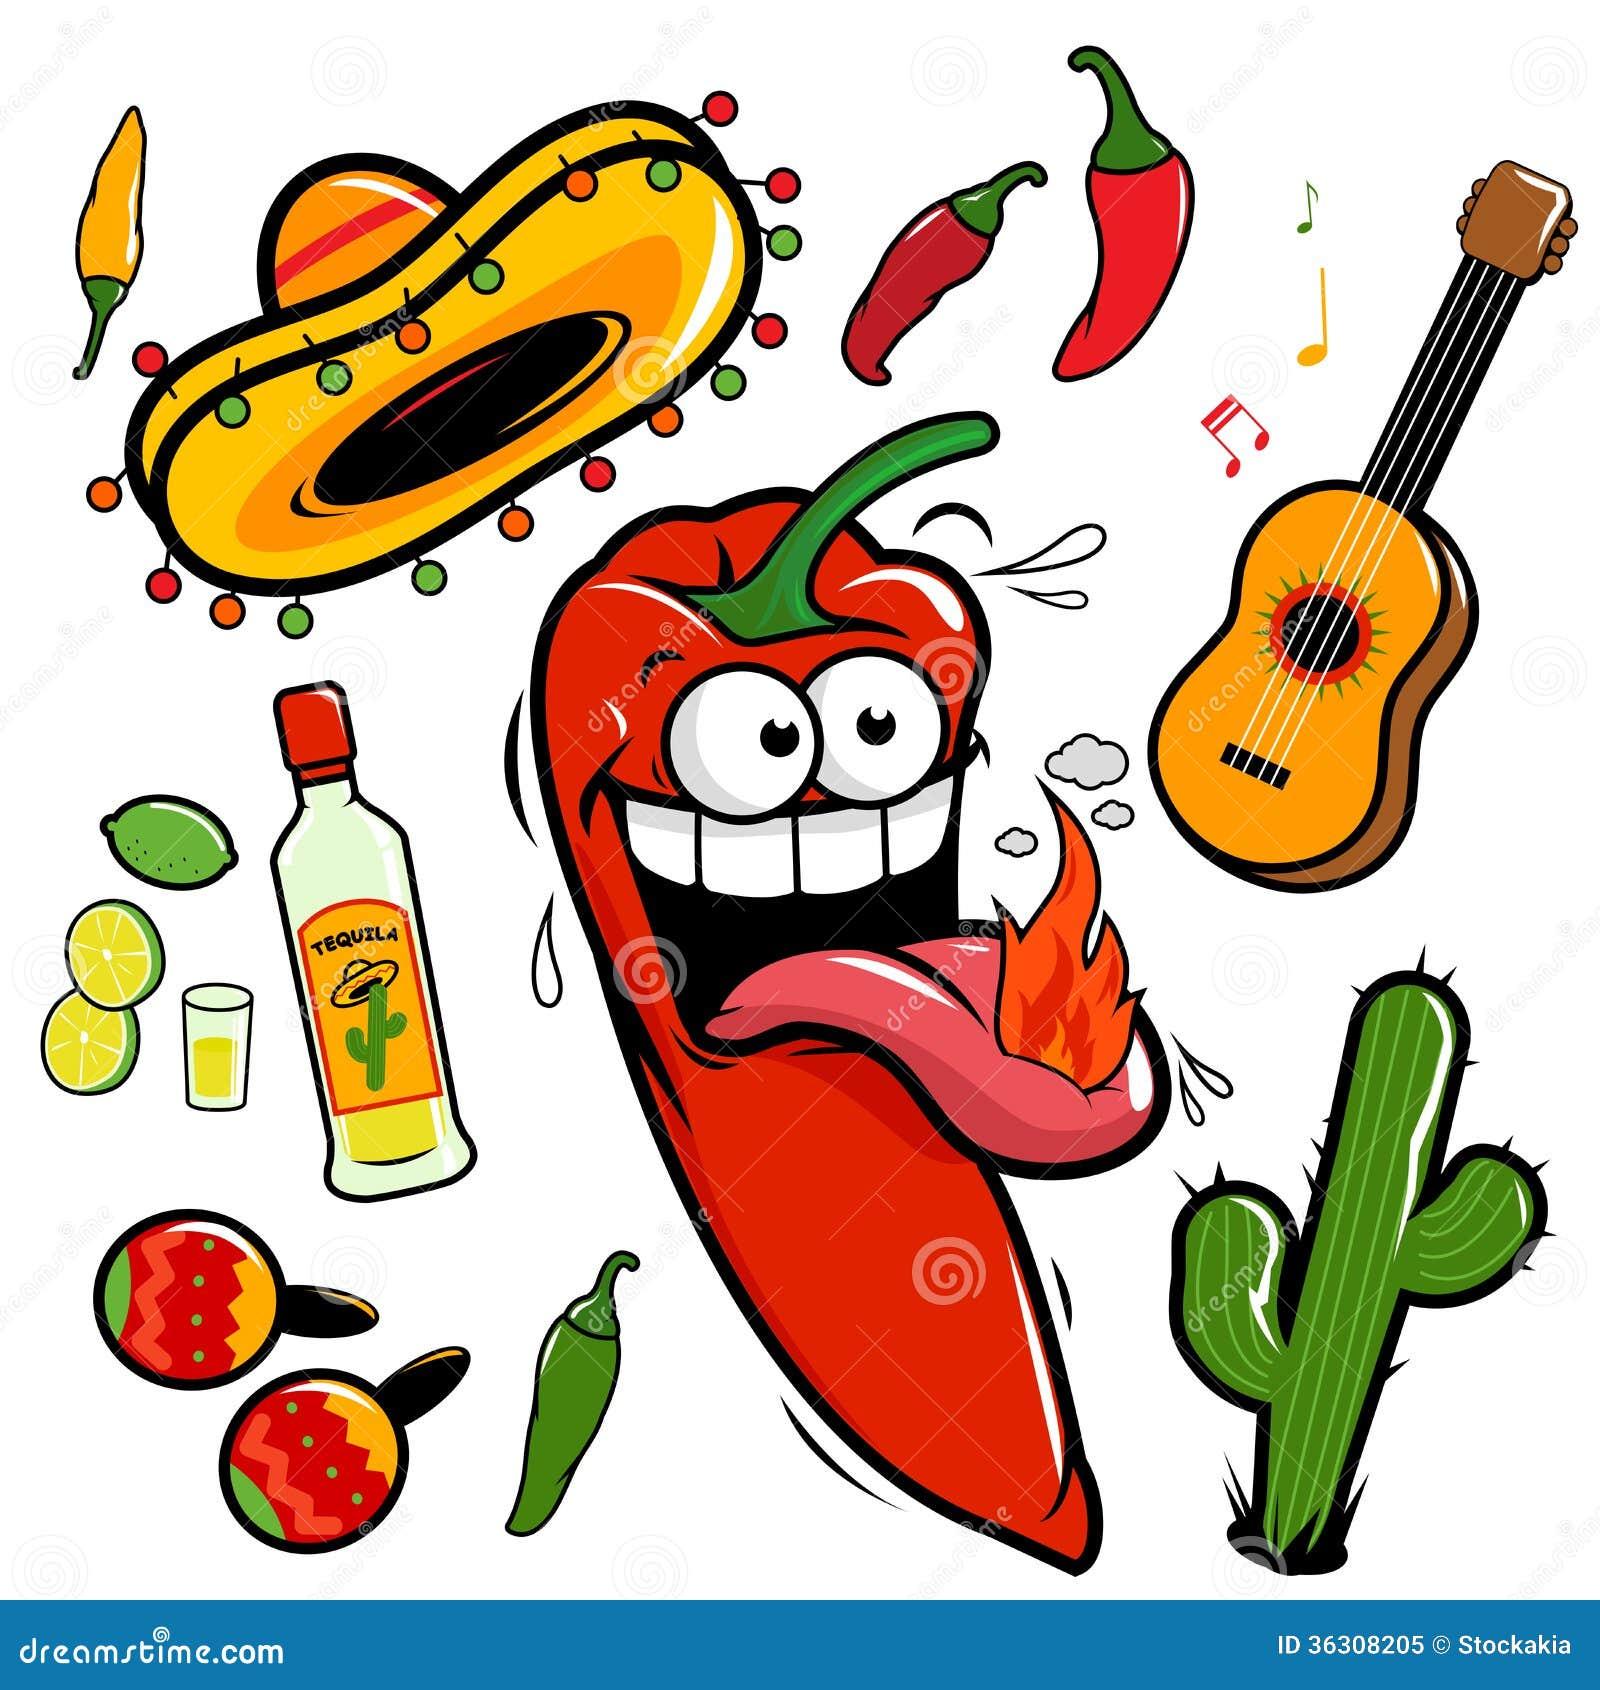 Mariachi chili pepper mexican icon collection